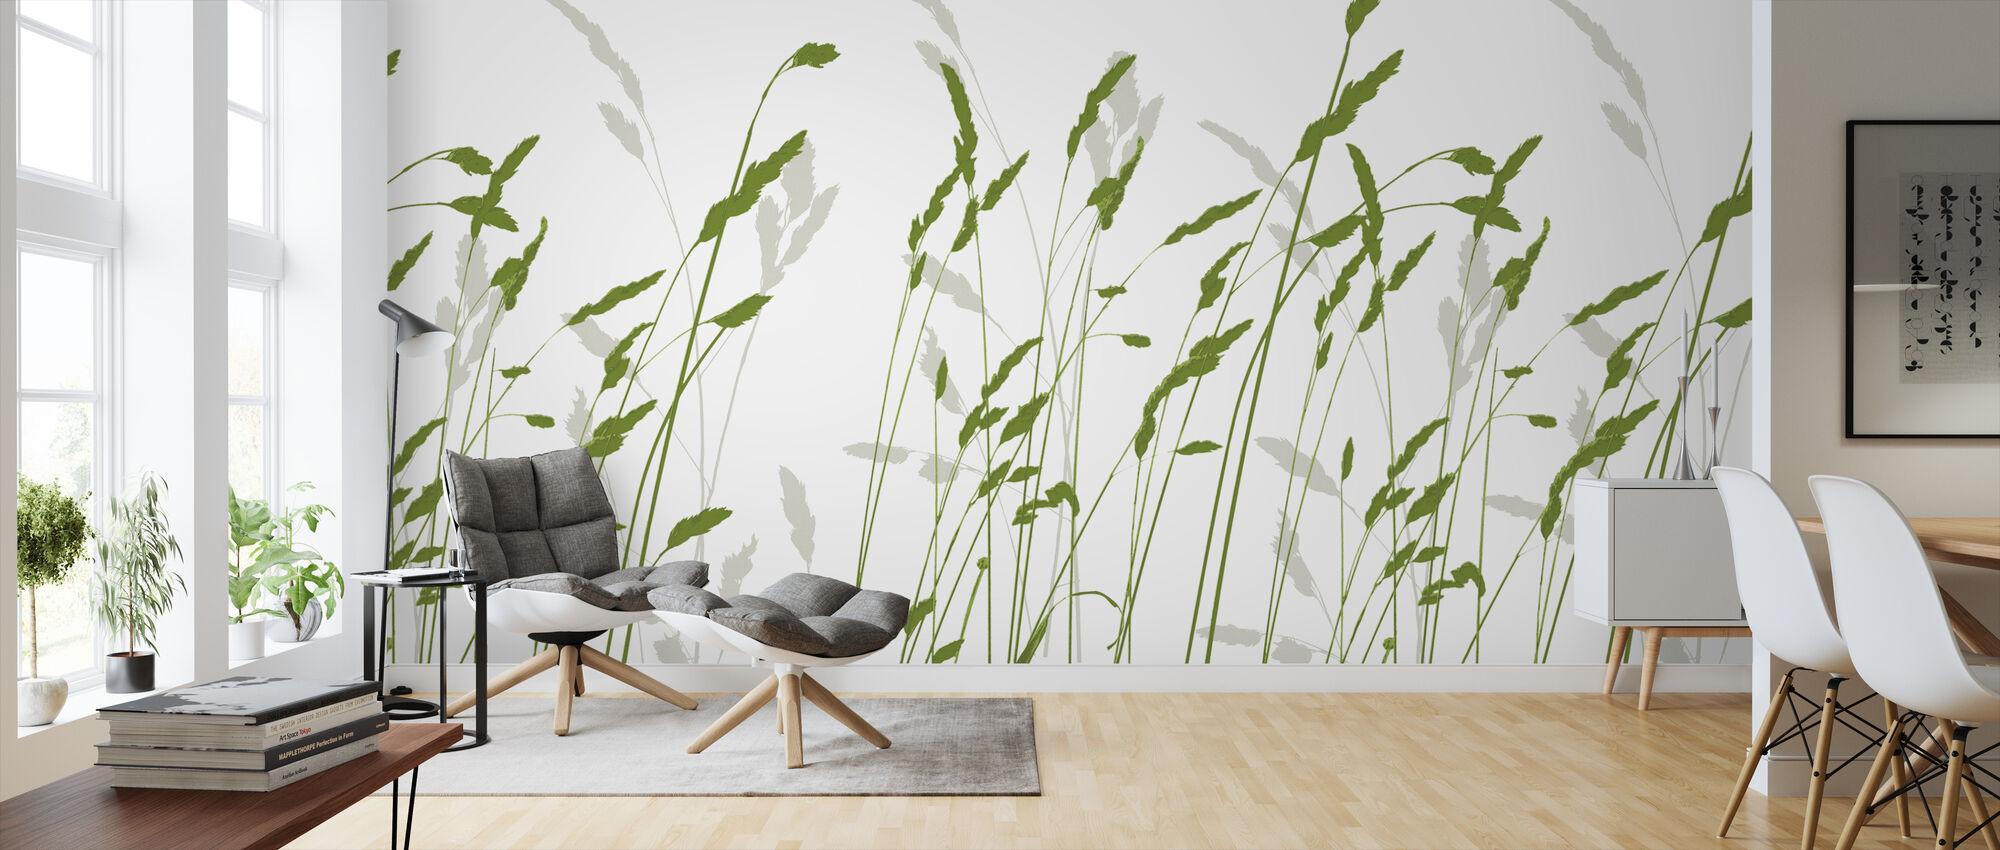 Stroh - Grün - Tapete - Wohnzimmer